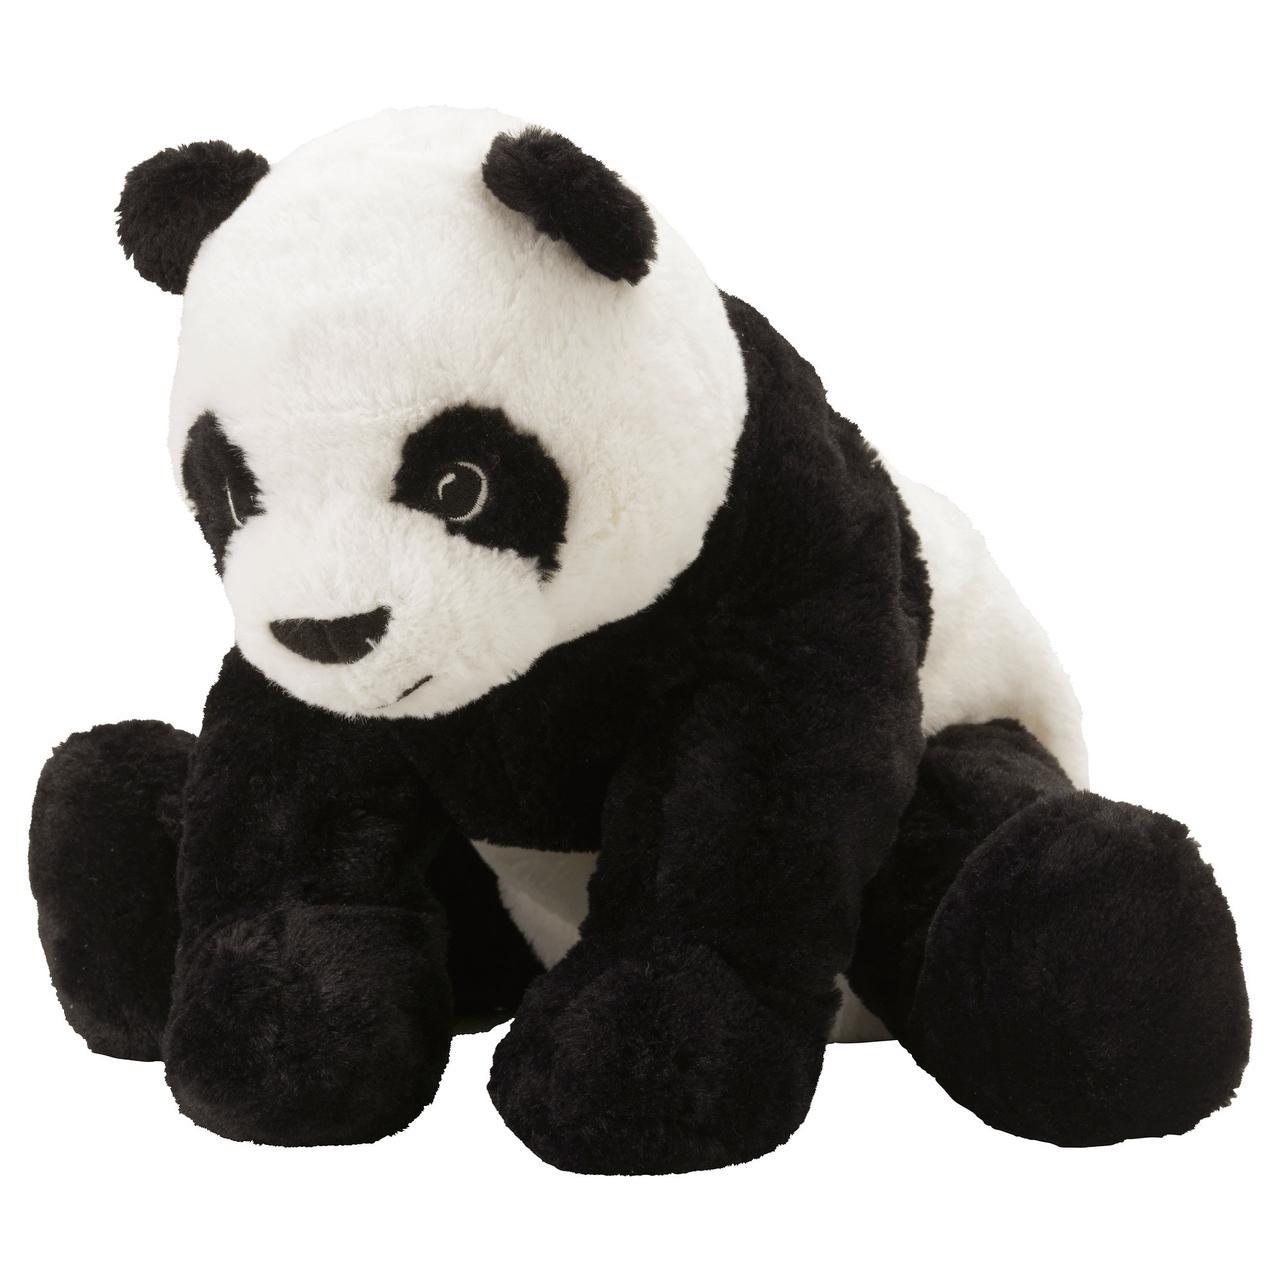 КРАМИГ Мягкая игрушка, белый, черный